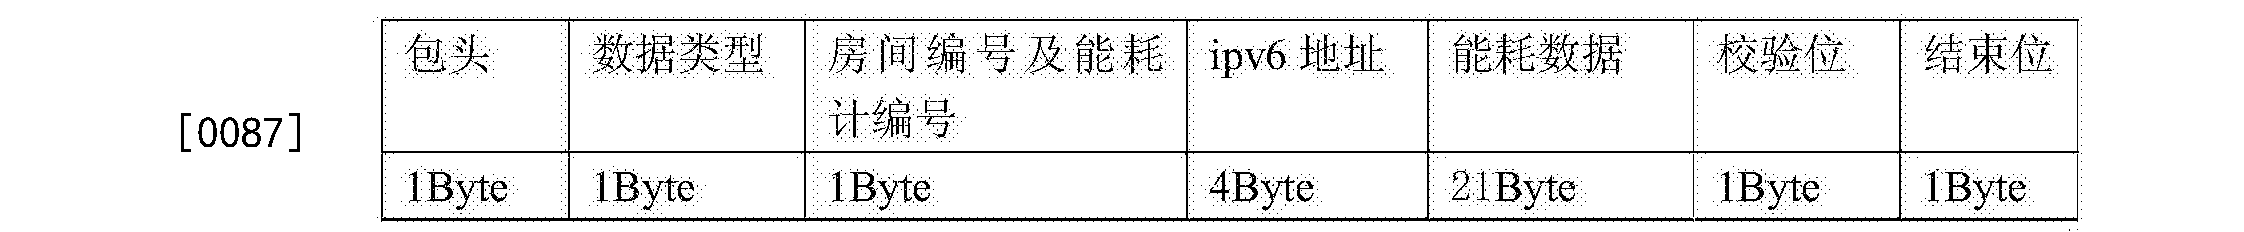 Figure CN104331053BD00103